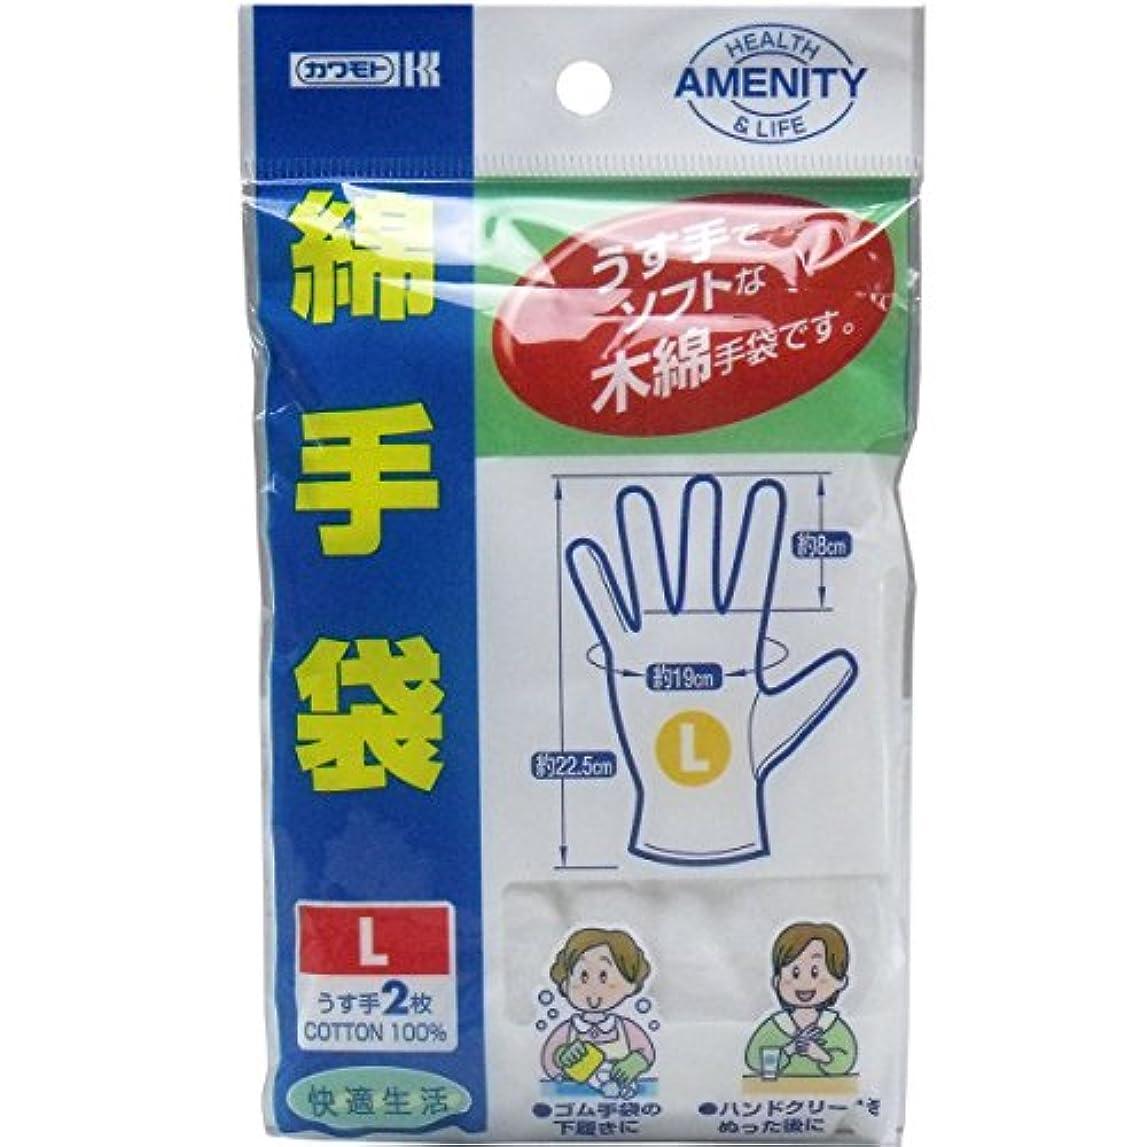 宣伝スポーツマンデンマーク語【セット品】綿手袋 Lサイズ うす手2枚入 7個